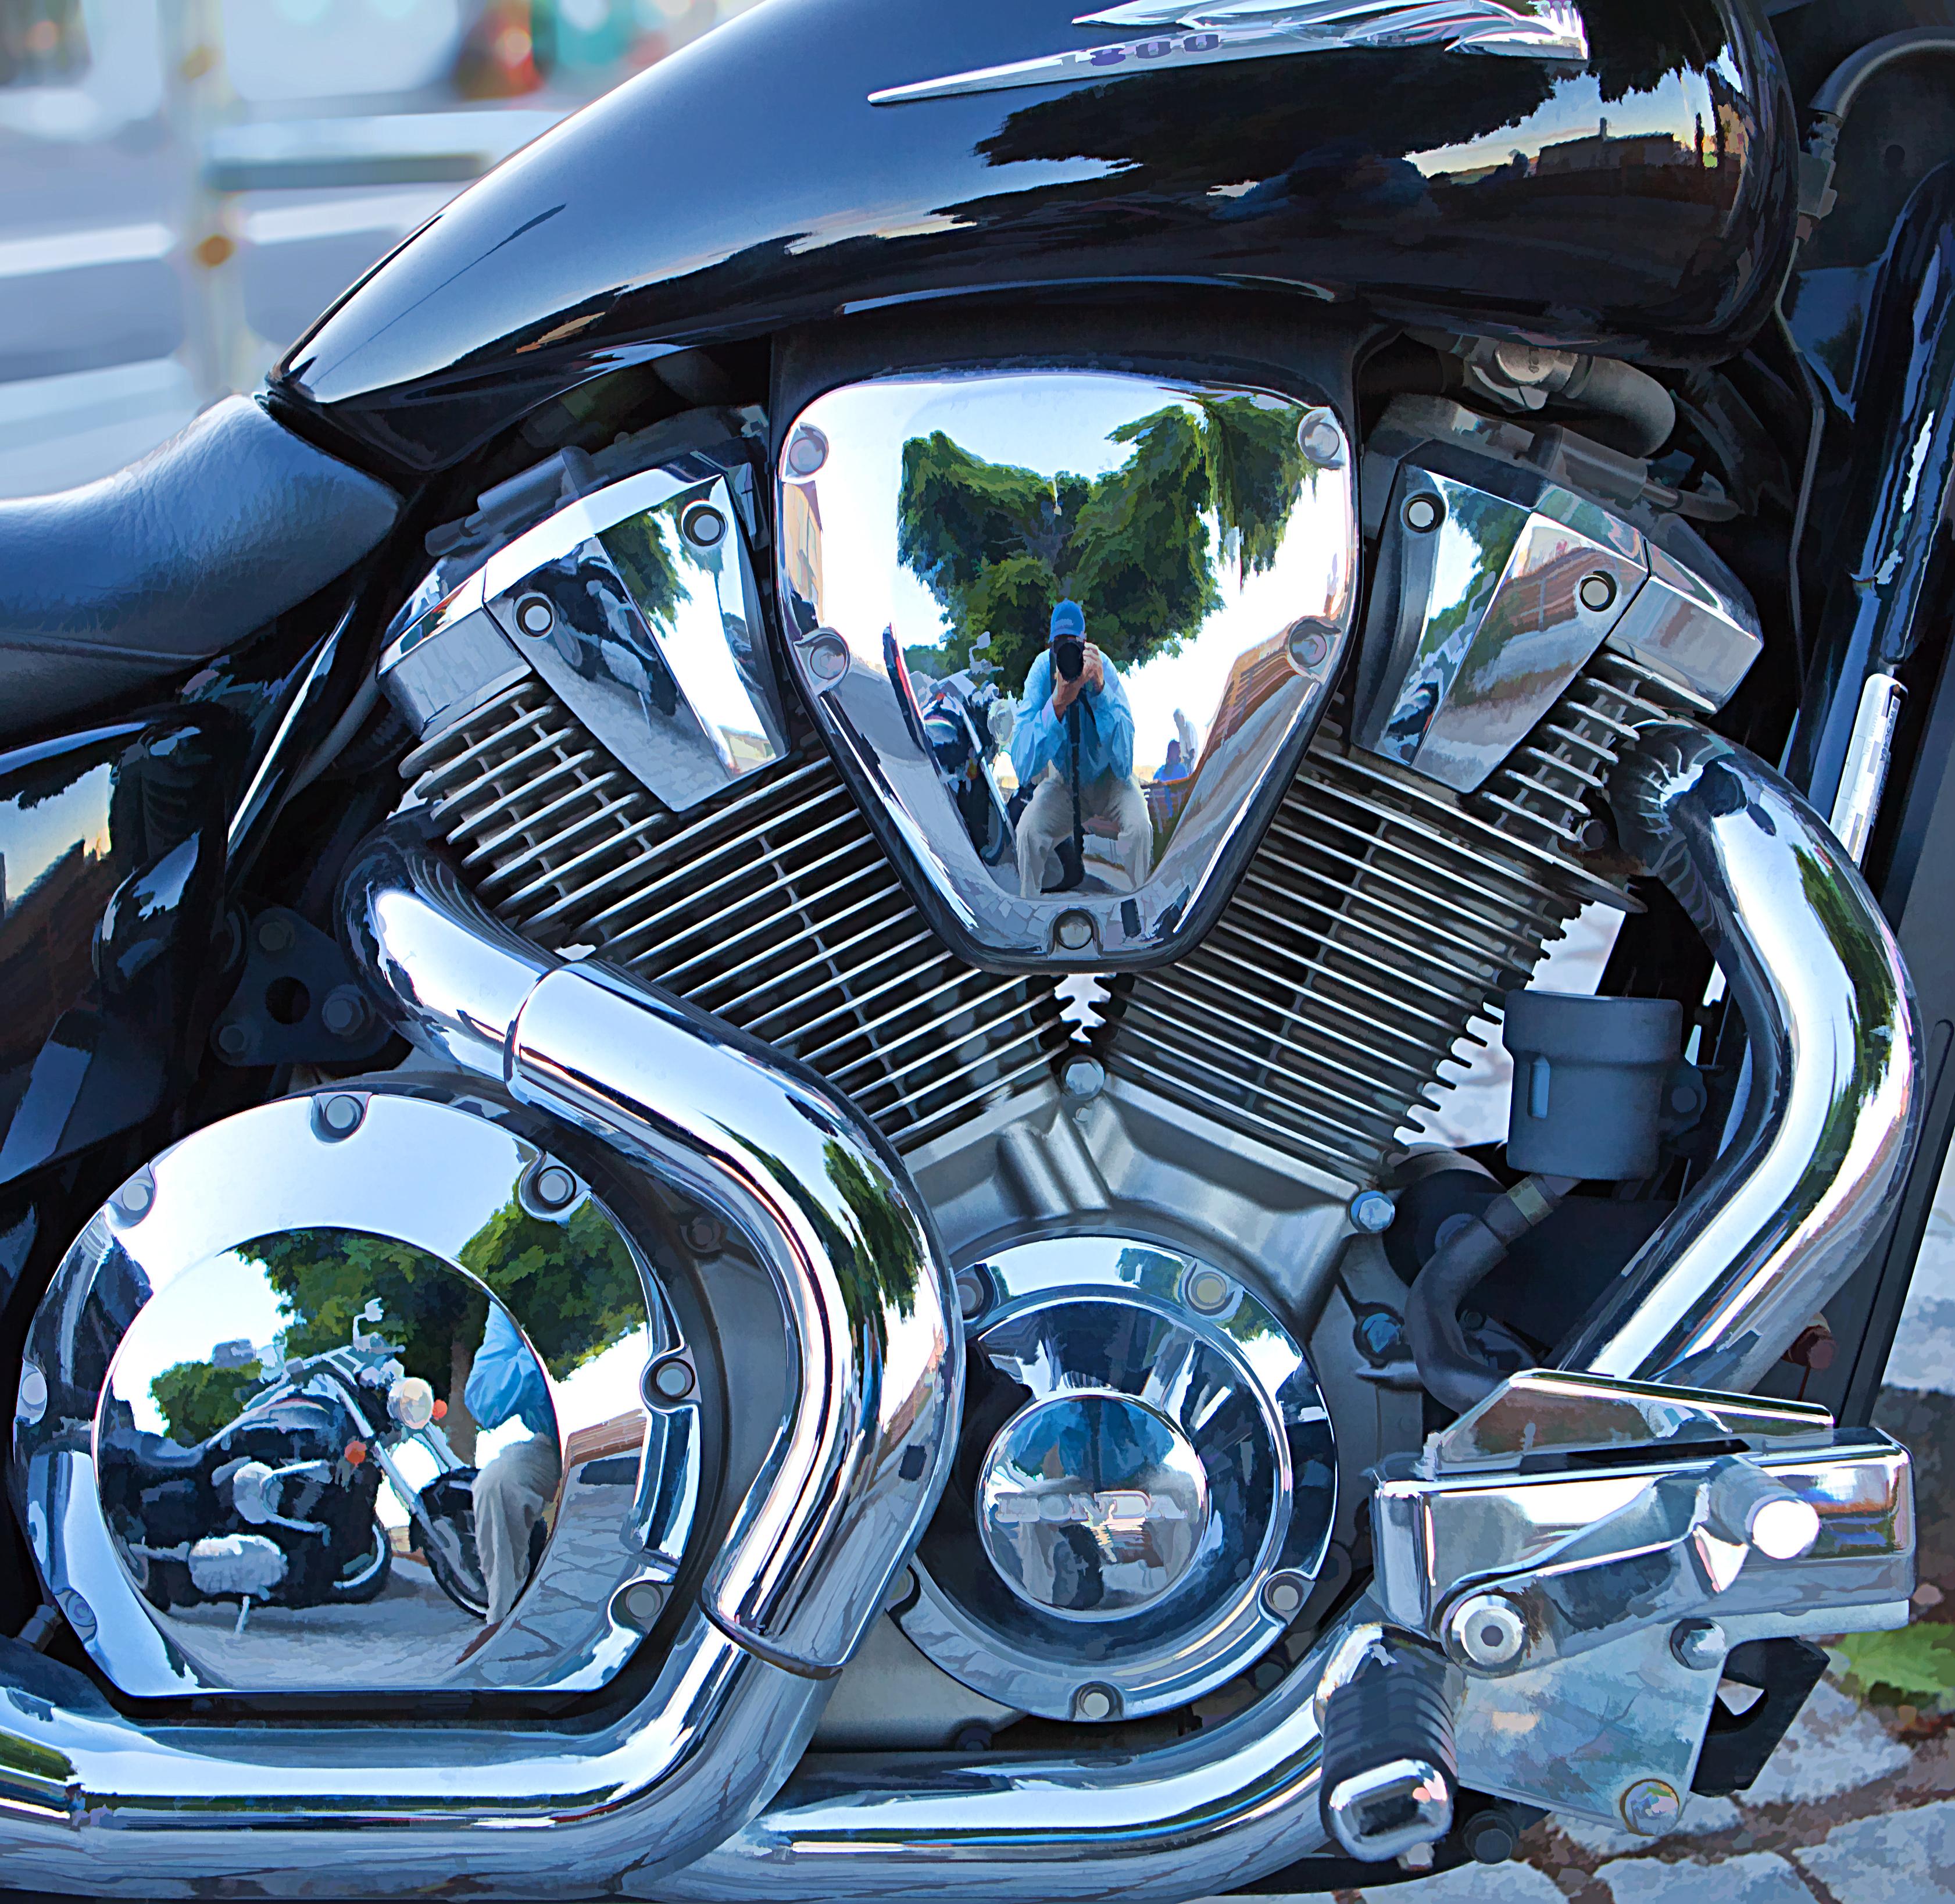 Honda Motorcycle With Fit Engine: Honda VTX Series